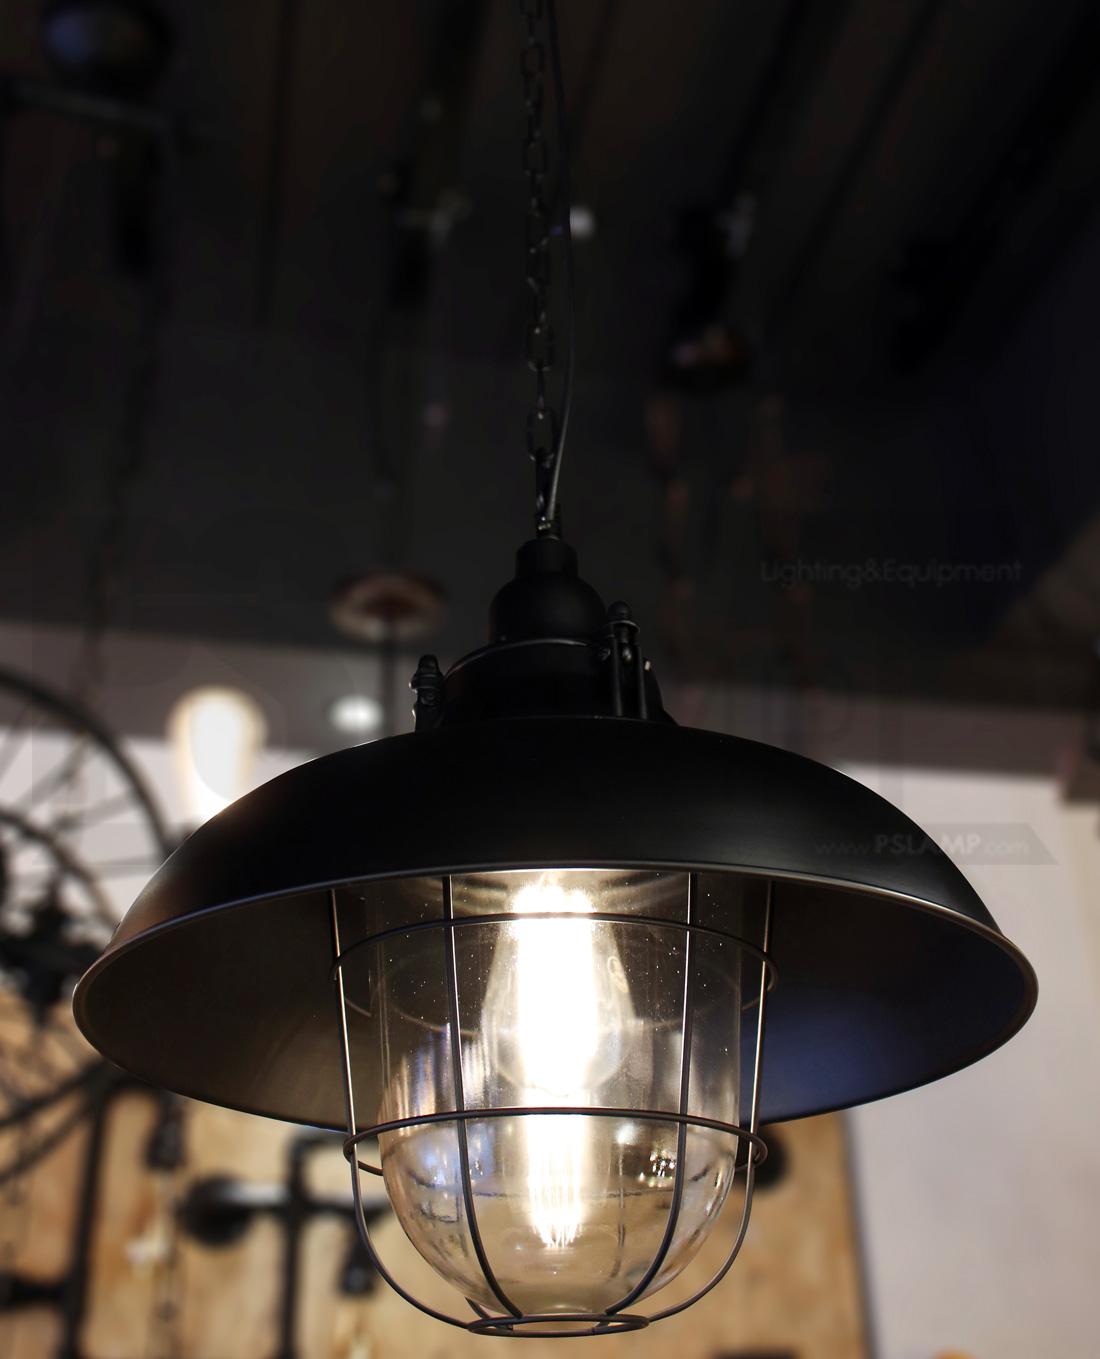 โคมไฟห้อย-โคมไฟแขวน-ร้านโคมไฟ-ร้านขายโคมไฟ-HISTON-BK-4